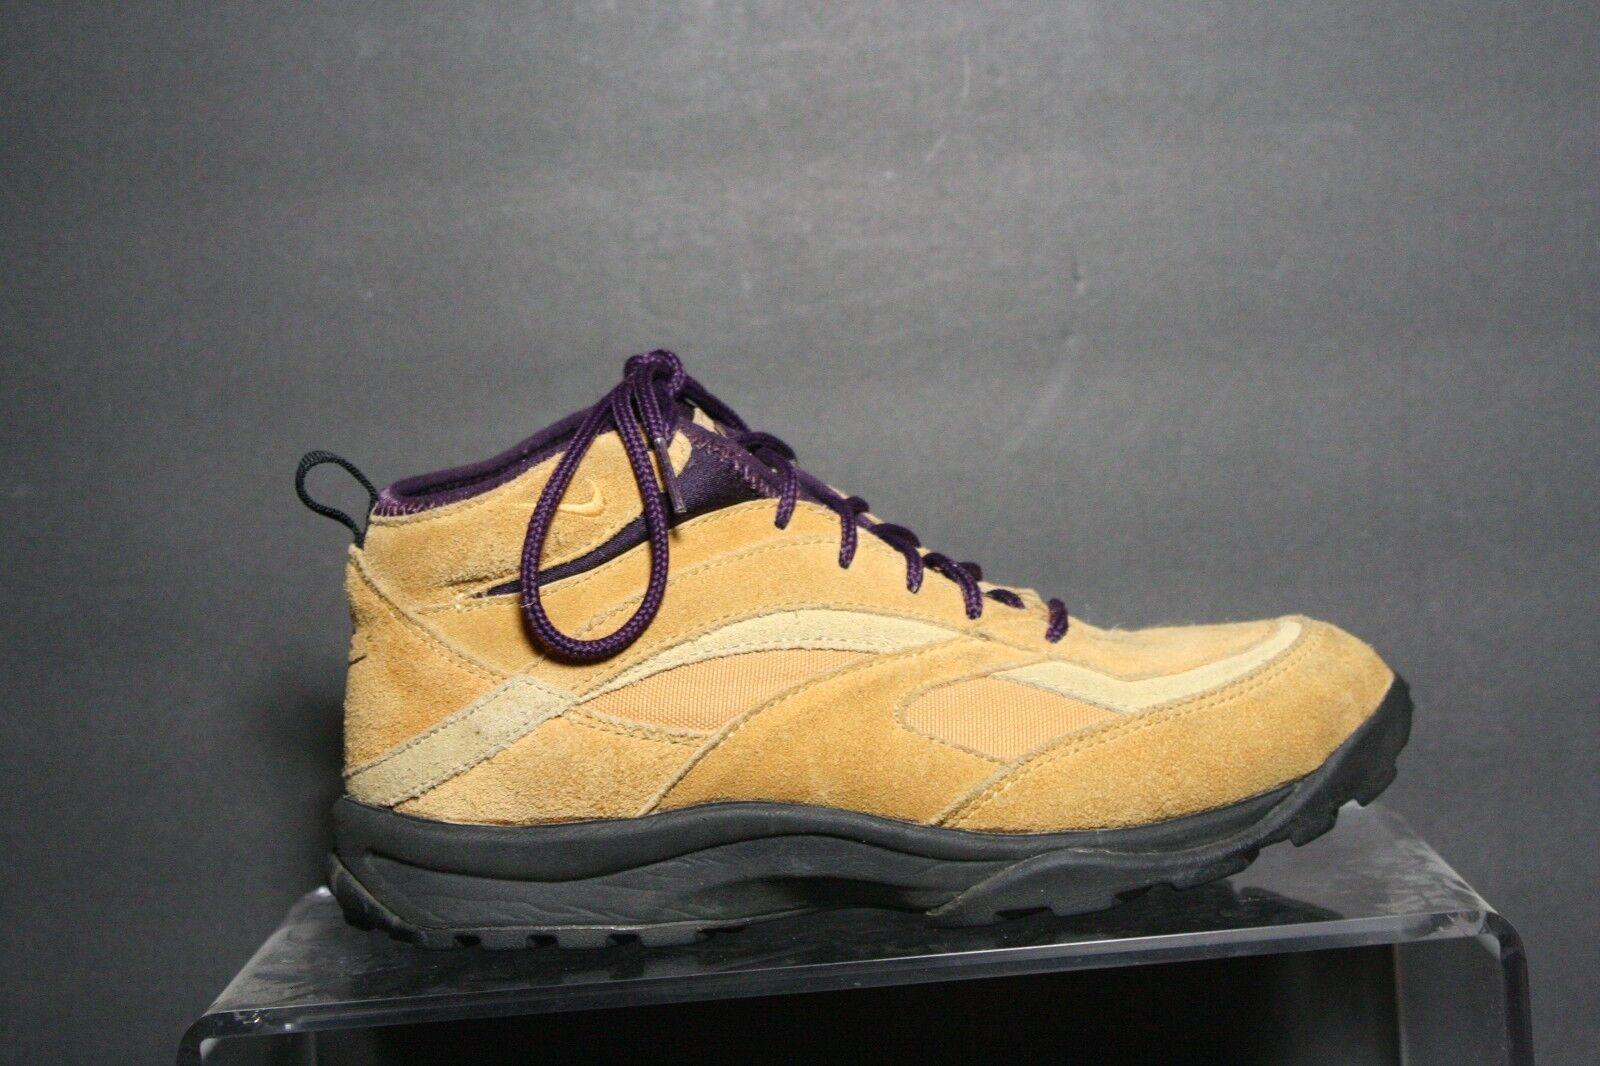 Nike Regrind ACG VTG OG Hiking Sneaker 1993 Mowabb Multi Purple Tan Women 7.5